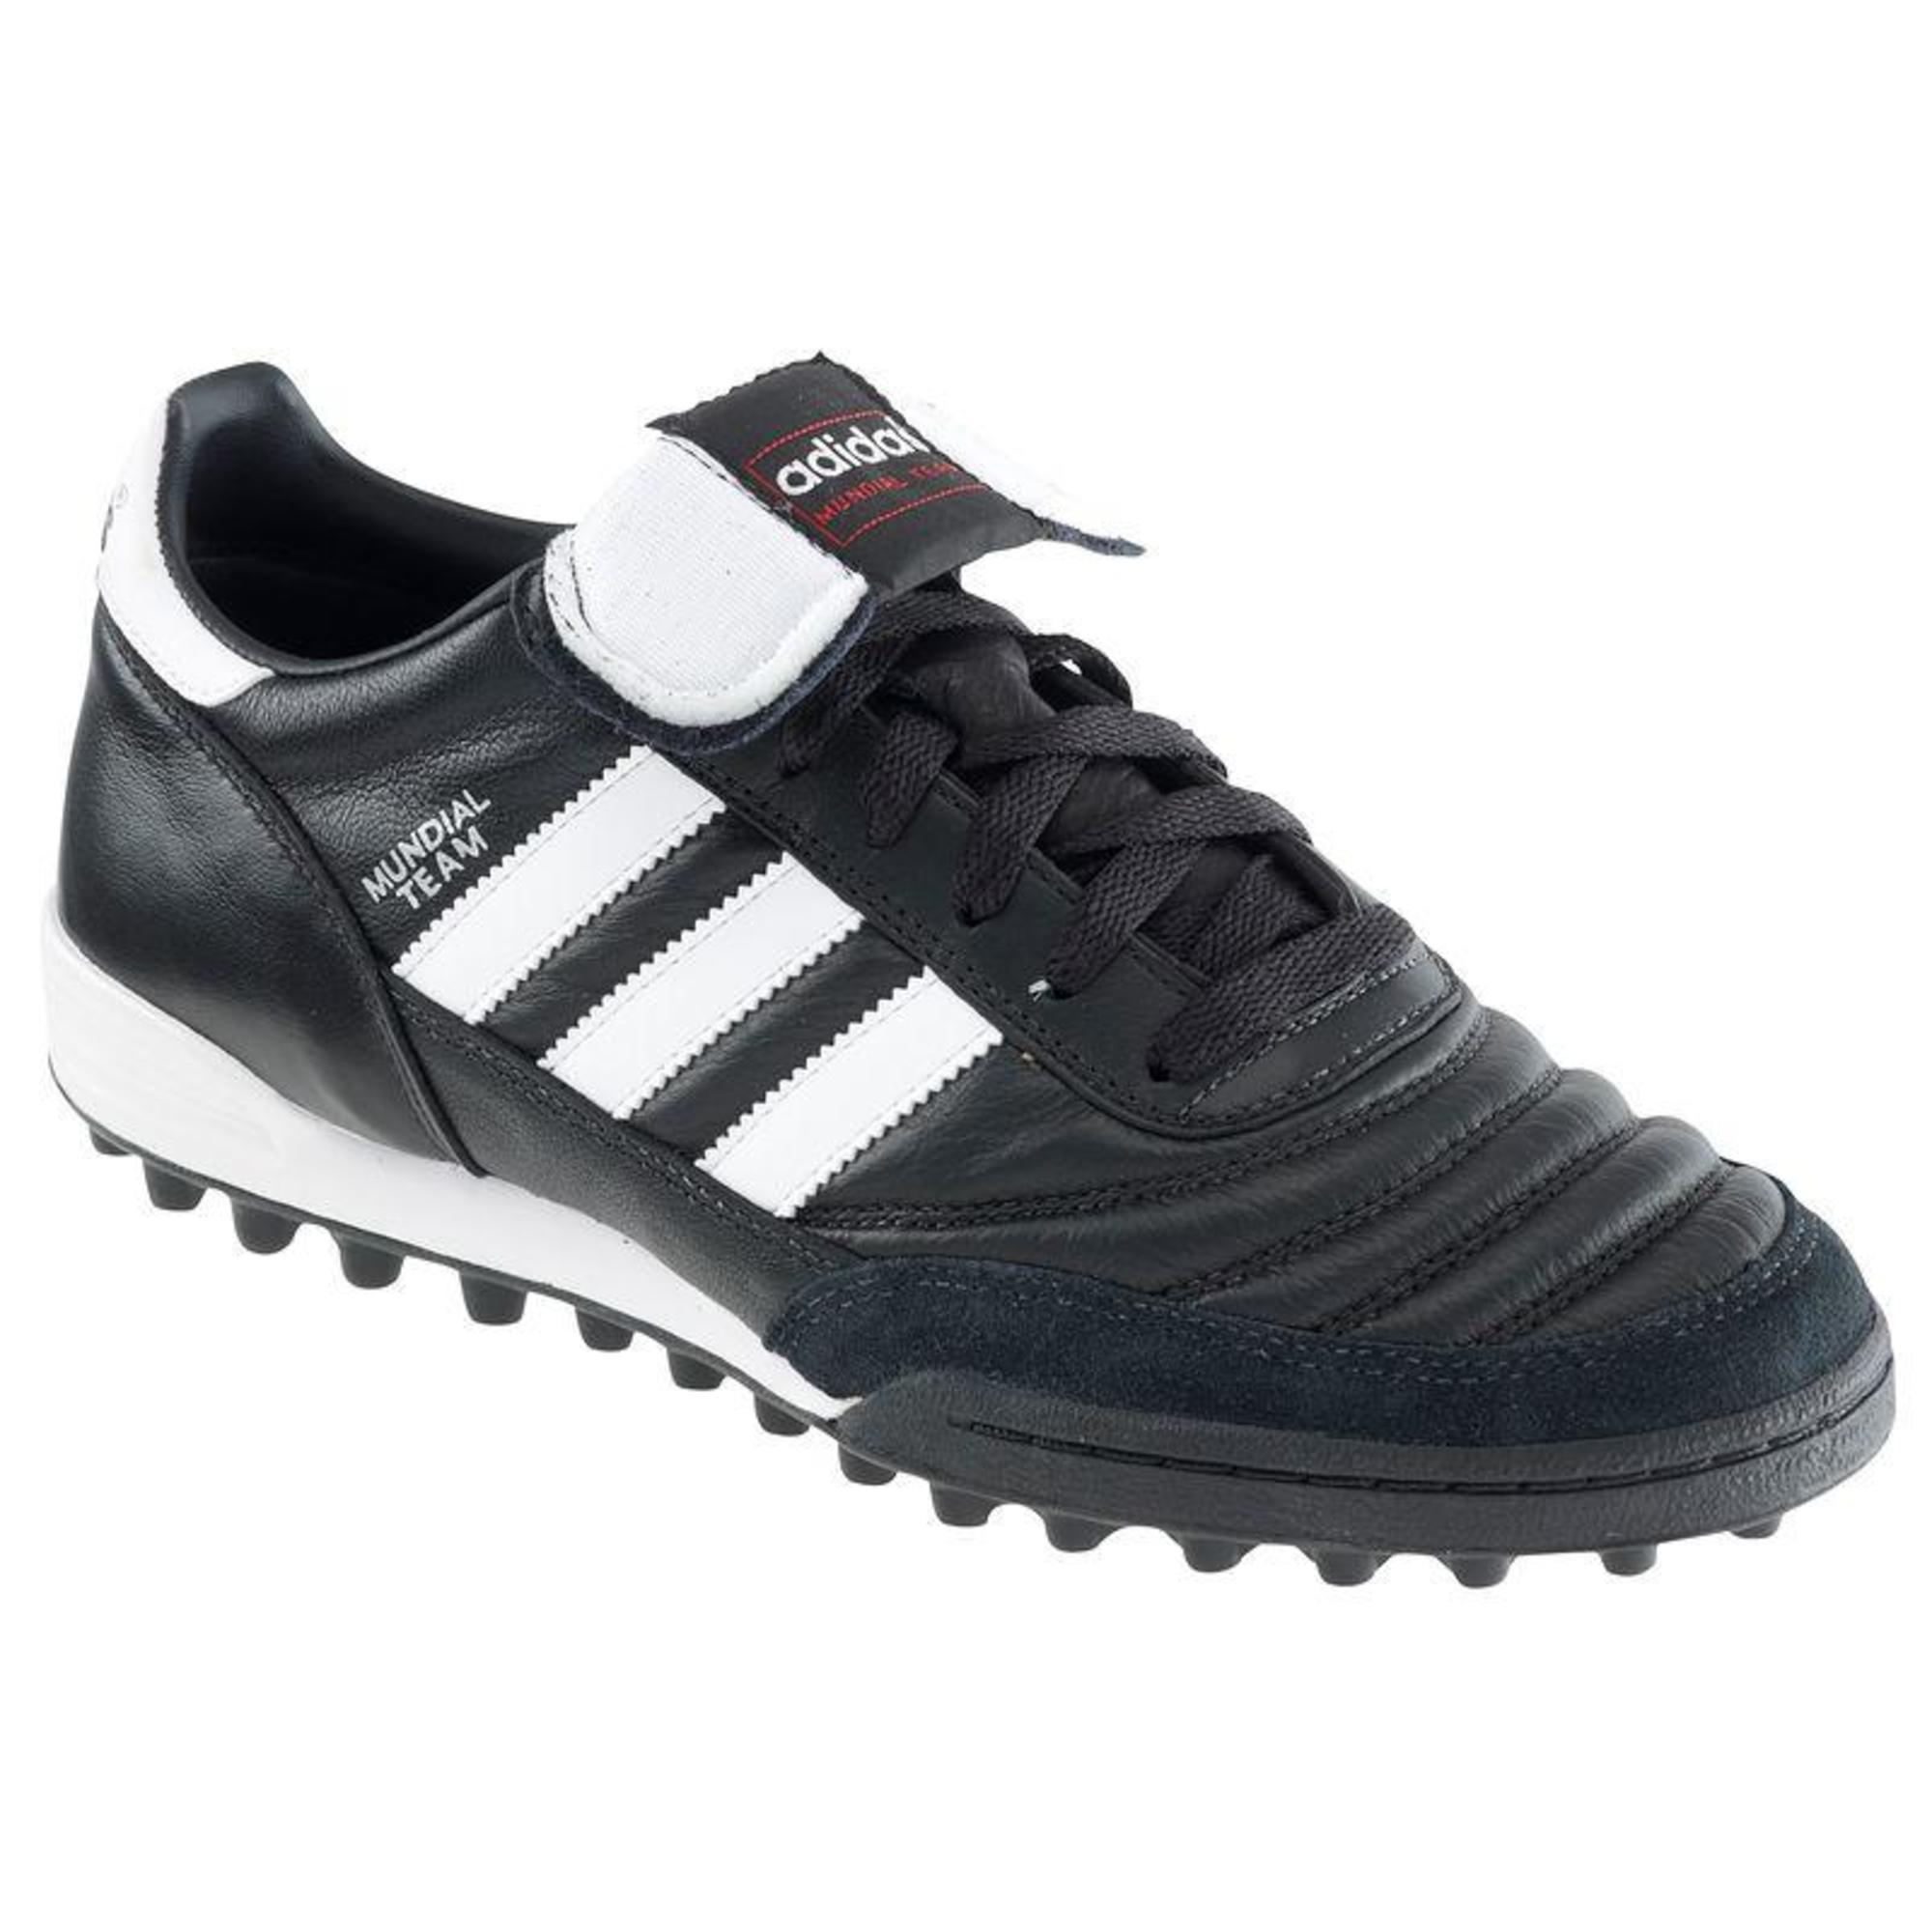 Adidas Voetbalschoenen Mundial Team TF zwart/wit